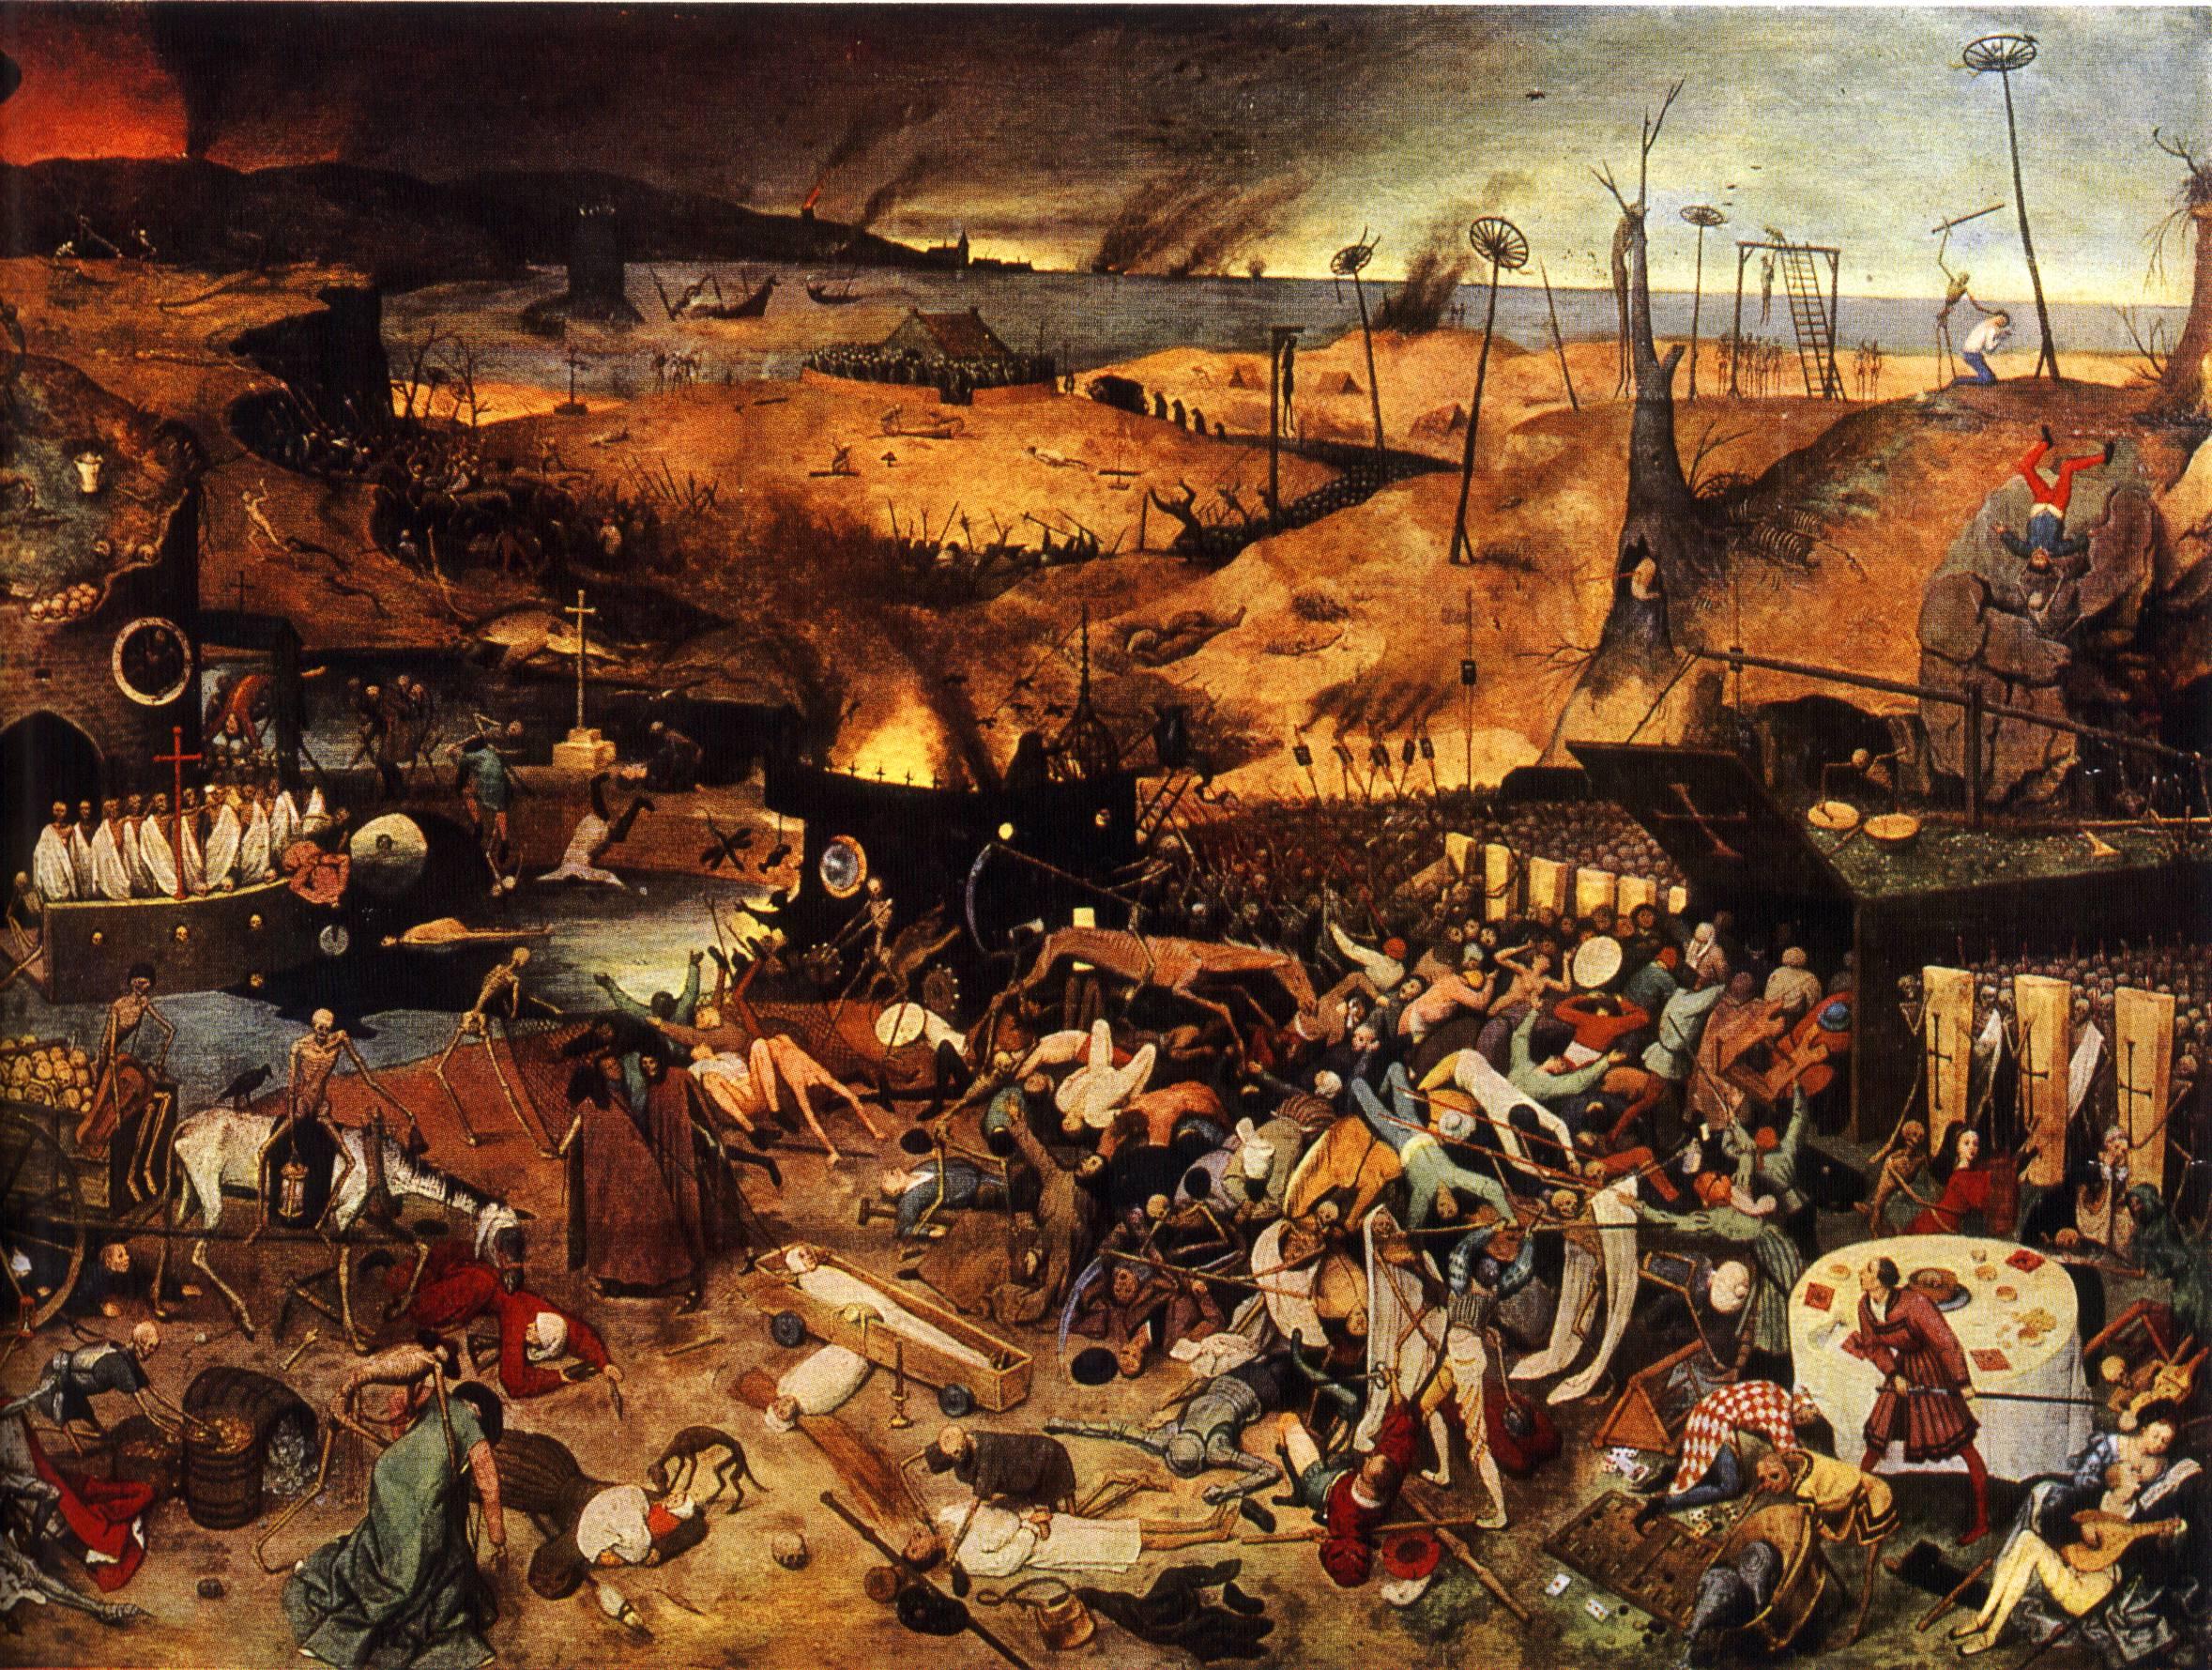 Αγαπημένα Έργα Τέχνης Bruegel-triumph-of-death-supersize